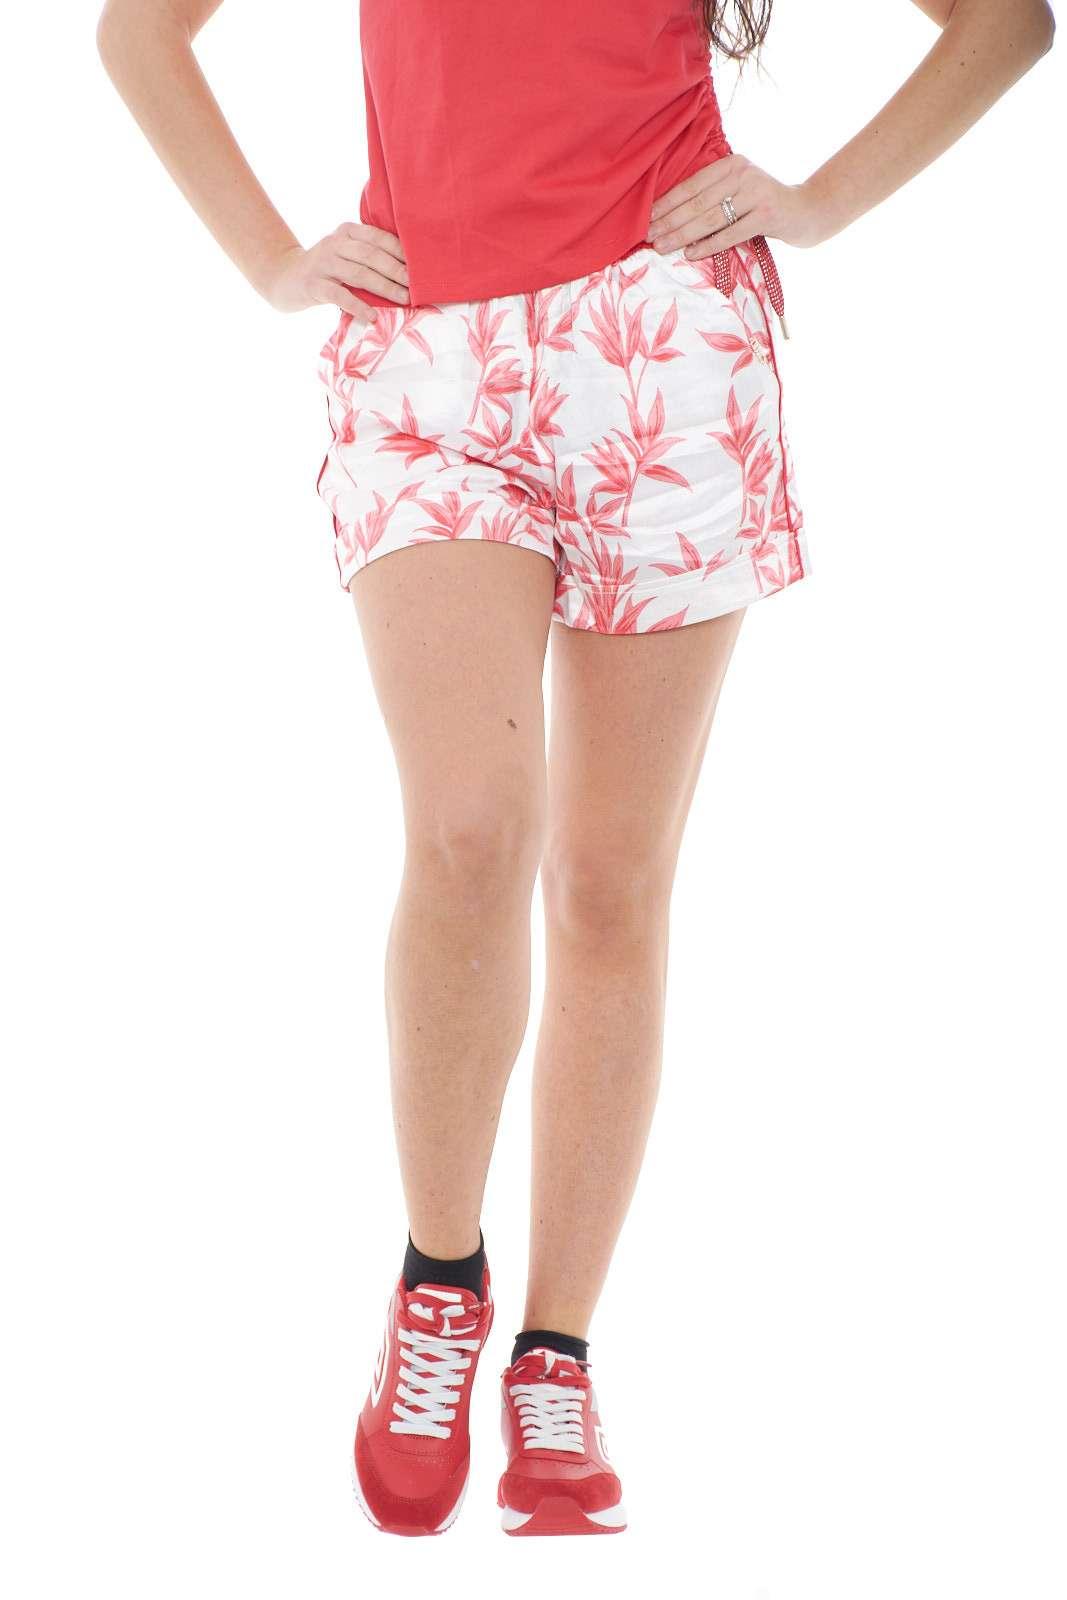 Morbidi e versatili, i nuovi pantaloncini corti proposti dalla collection donna Liu Jo Sport sono pensati per i look più quotidiani.  Il morbido tessuto fluido li rende confortevoli e femminili per rendere iconico anche il look più semplice.  Si indossa sia con una sneacker chunky che con una ciabattina per rendere uniche le calde giornate estive.